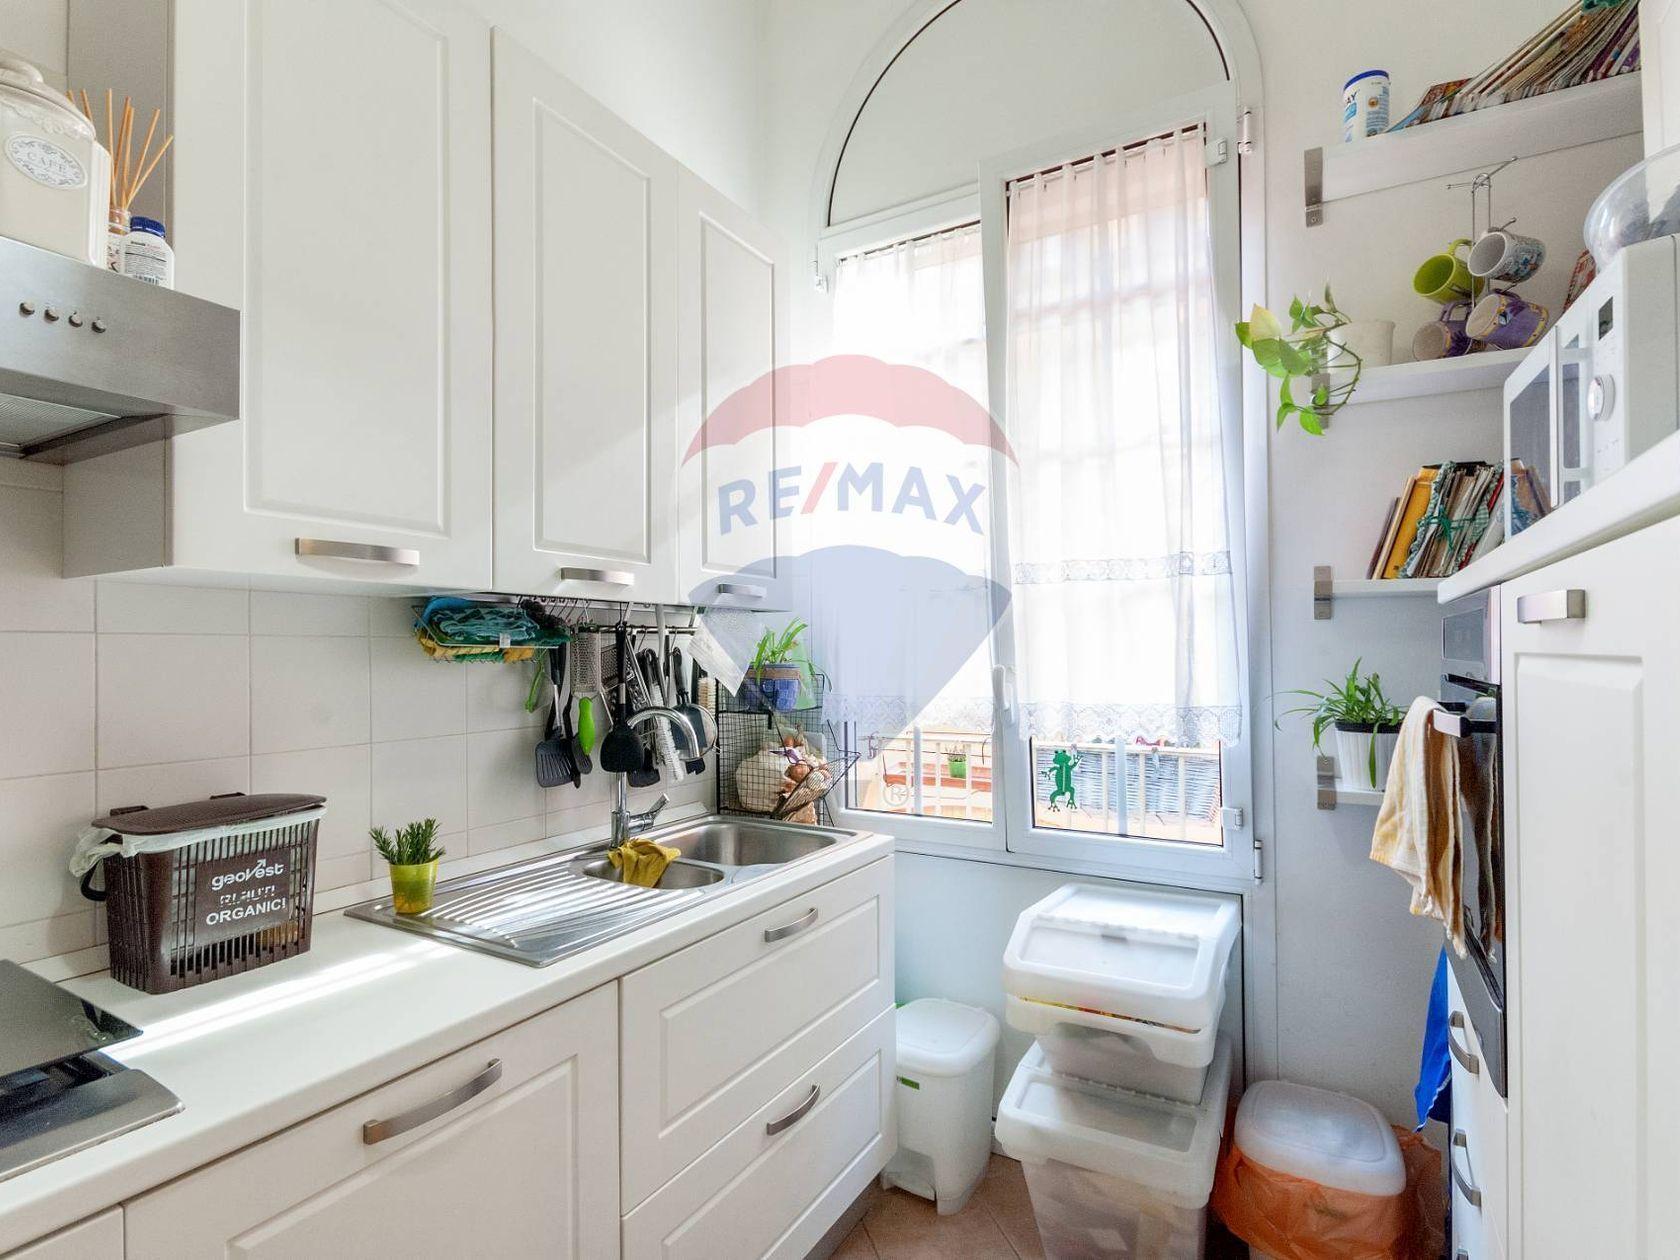 Appartamento Zona Centro Storico, San Giovanni in Persiceto, BO Vendita - Foto 13